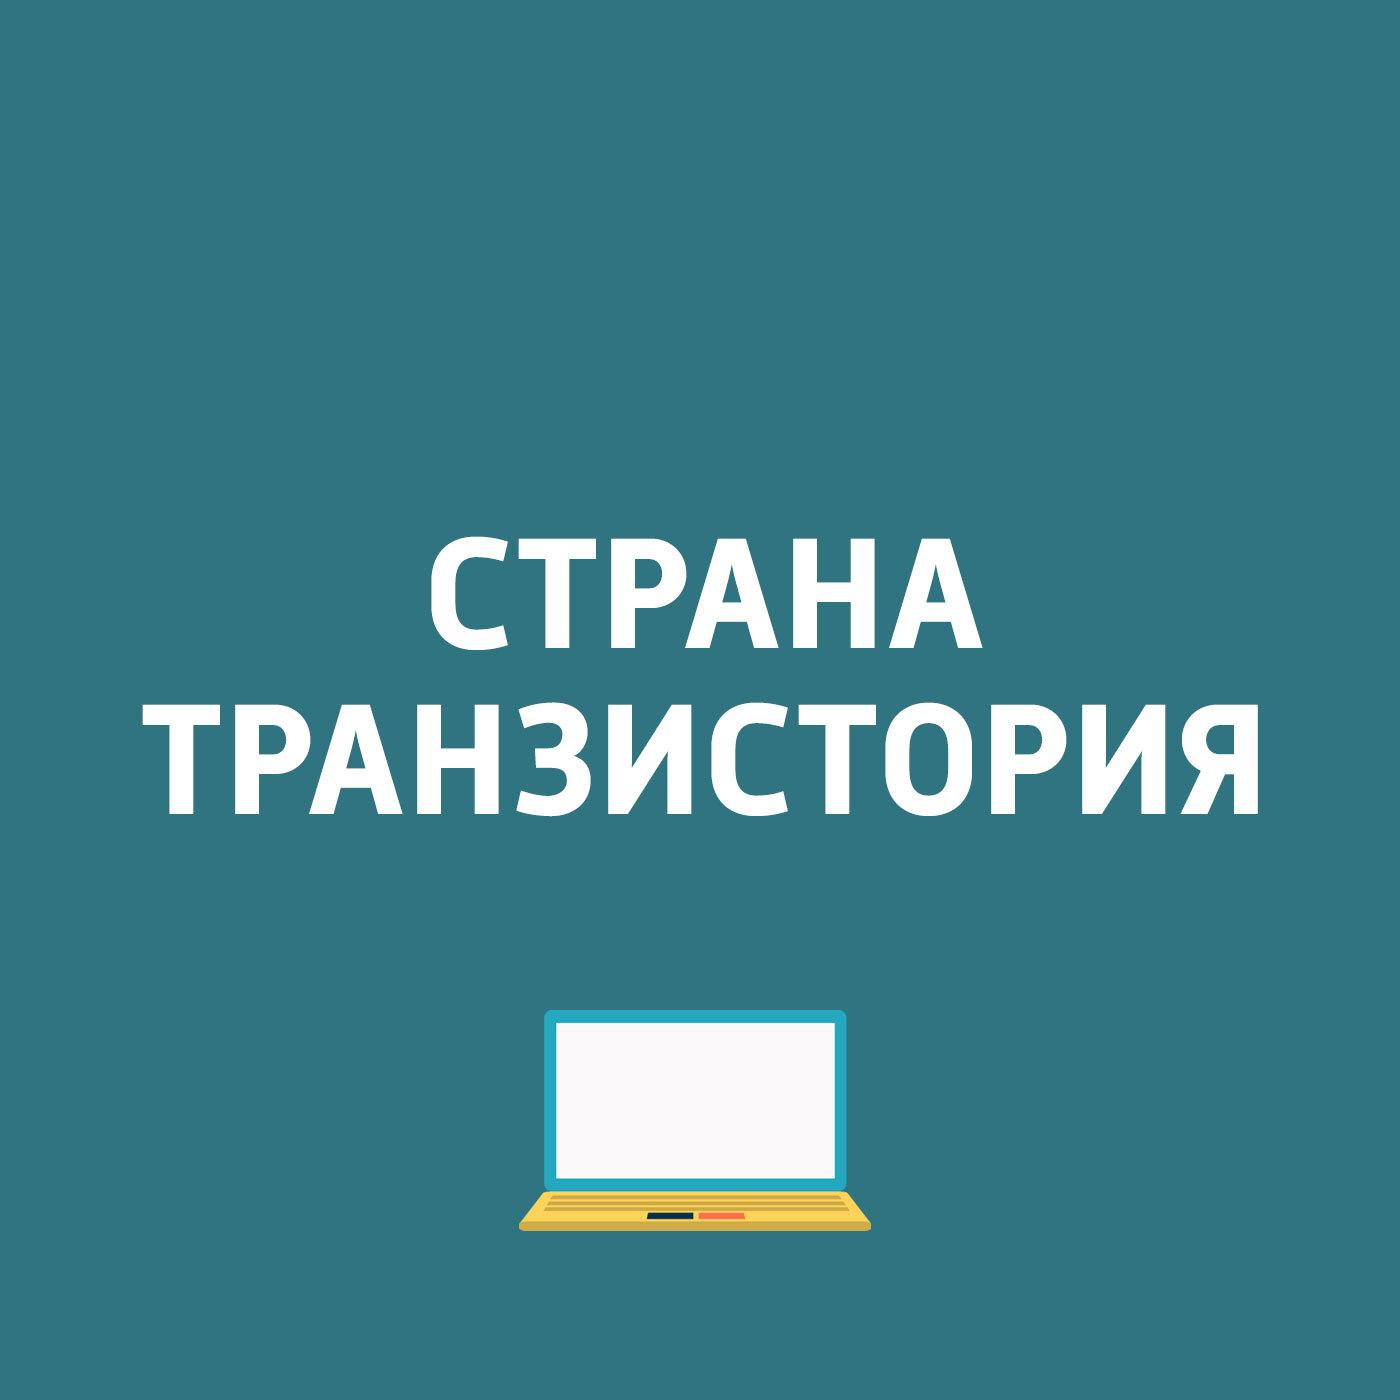 Apple Payпоявится в России в конце года. Facebook запустил видеотрансляции. Профиль геймера...